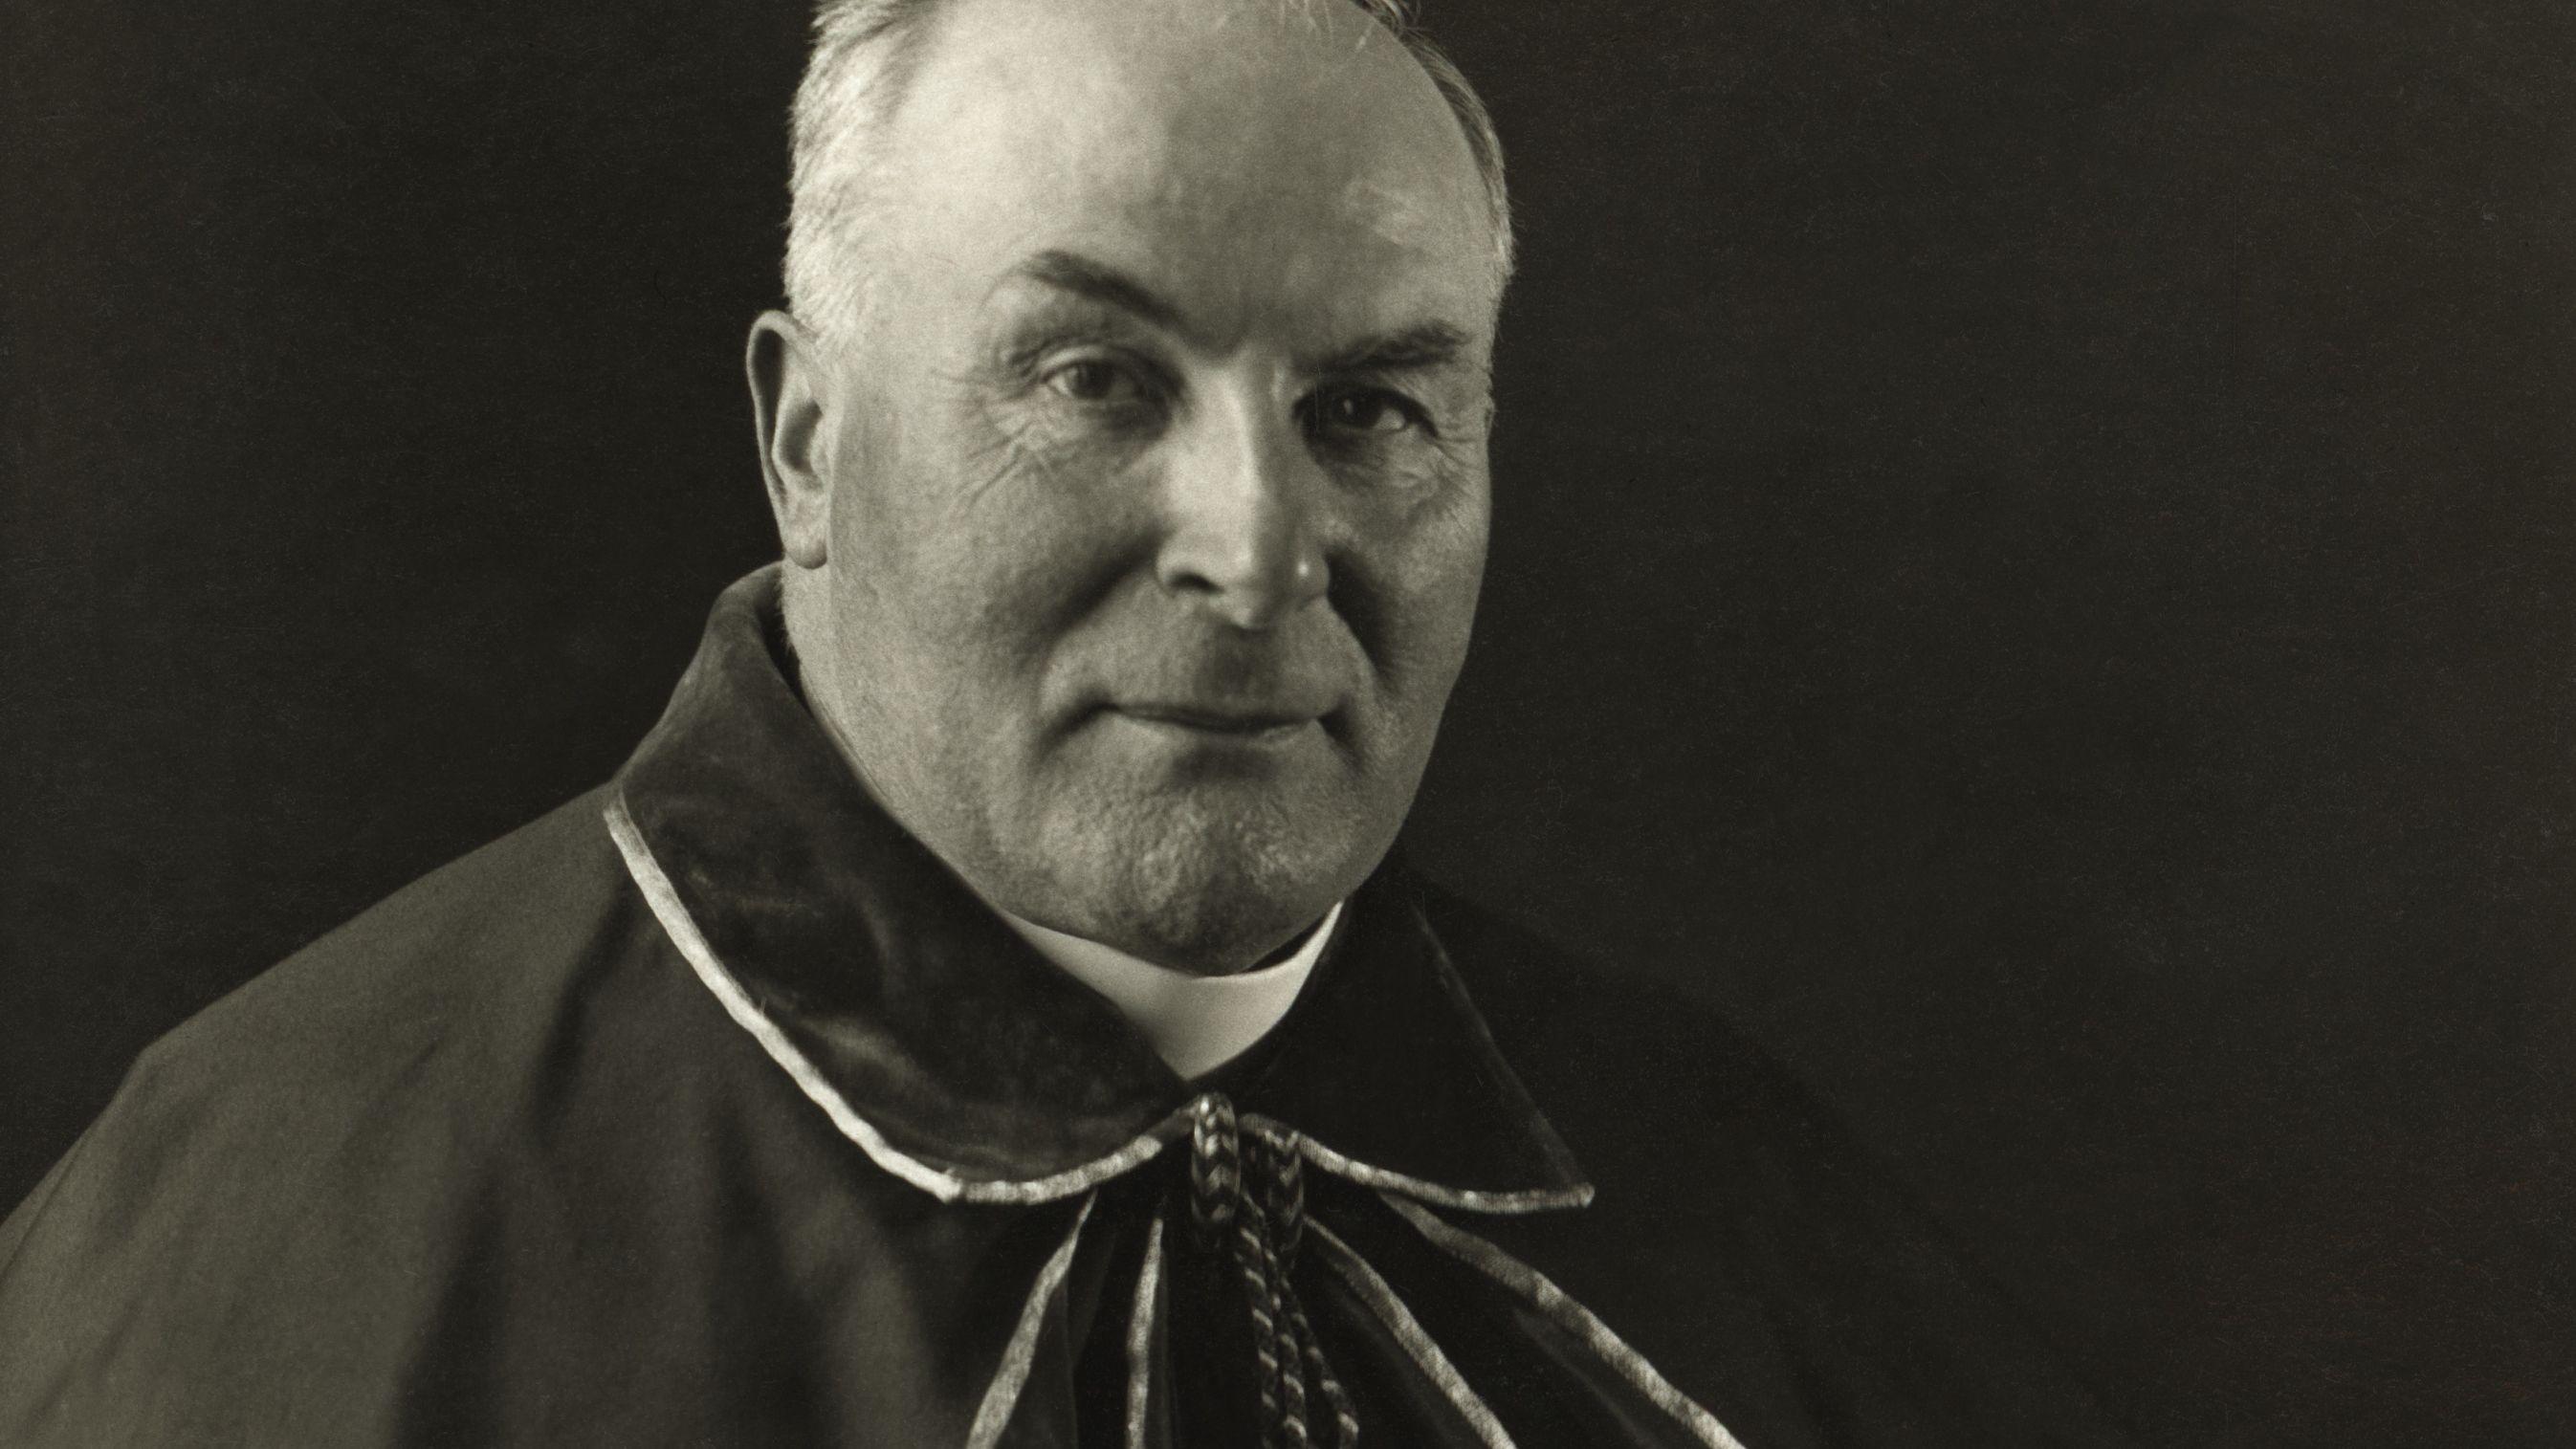 Münchner Erzbischof Michael von Faulhaber